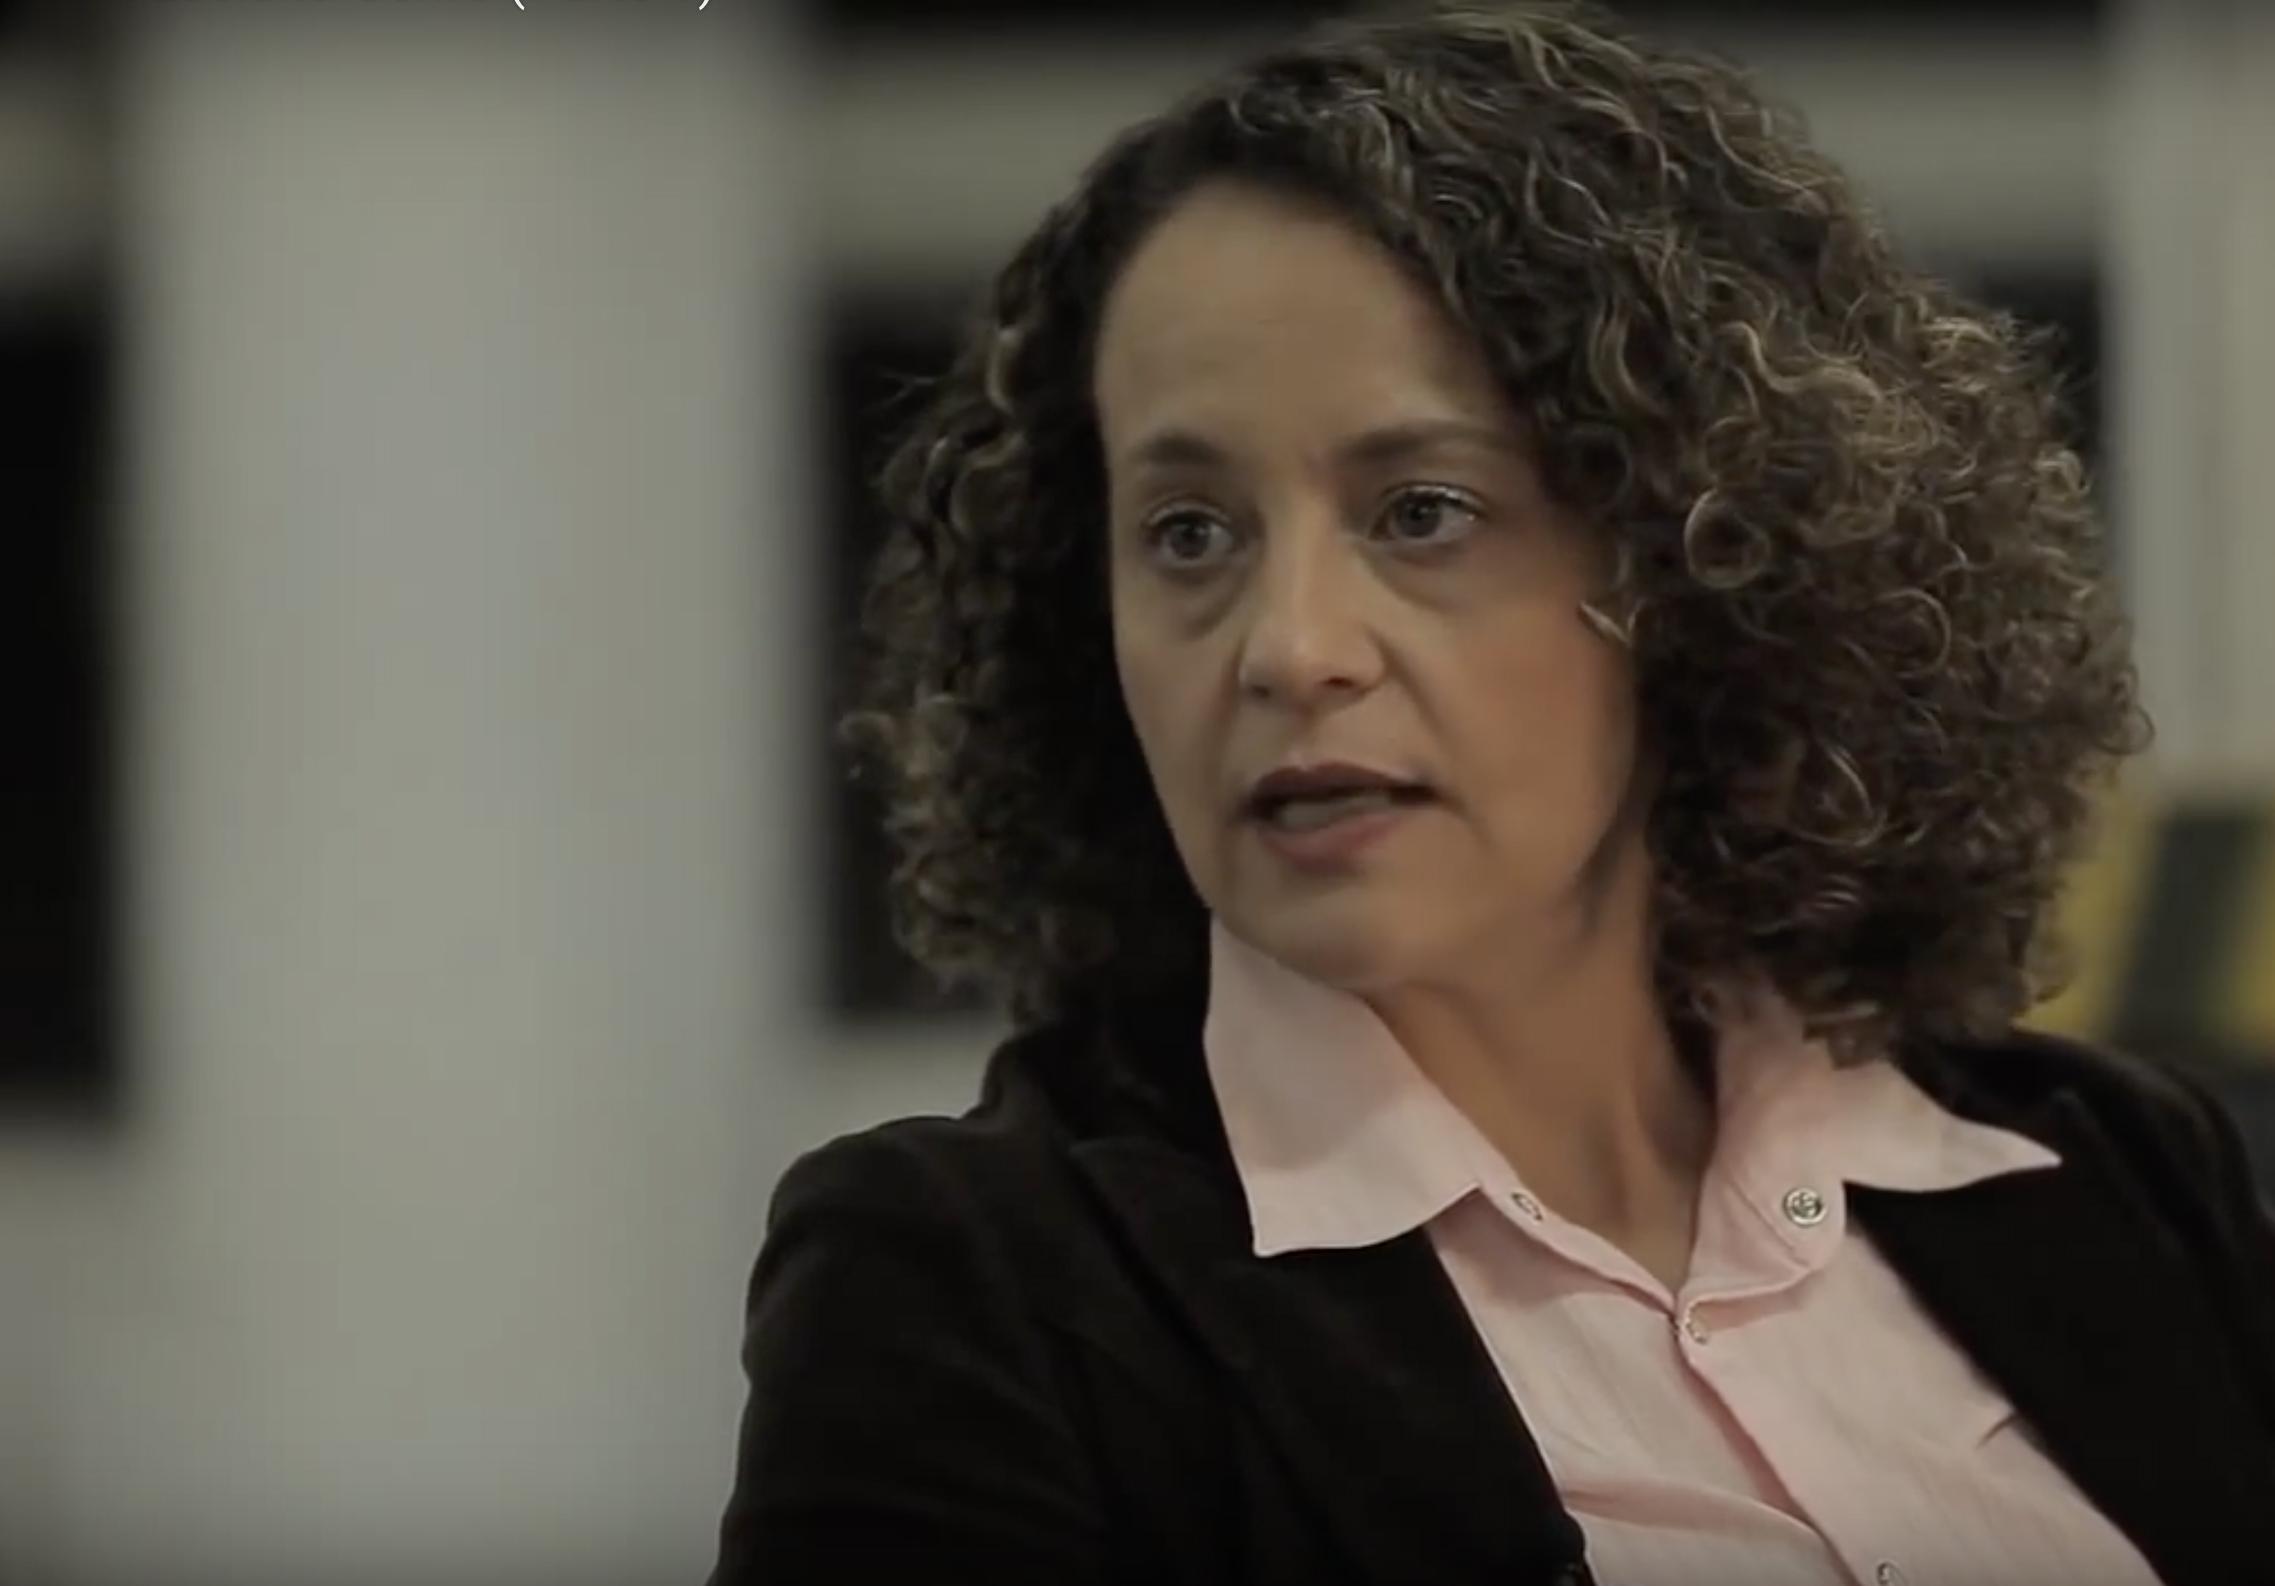 eleições 2014:luciana genro - A candidada à presidência pelo PSOL traça um panorama eleitoral de 2014 e prevê o crescimento da direita brasileira pela esquerda abalada pela derrota ética do PT